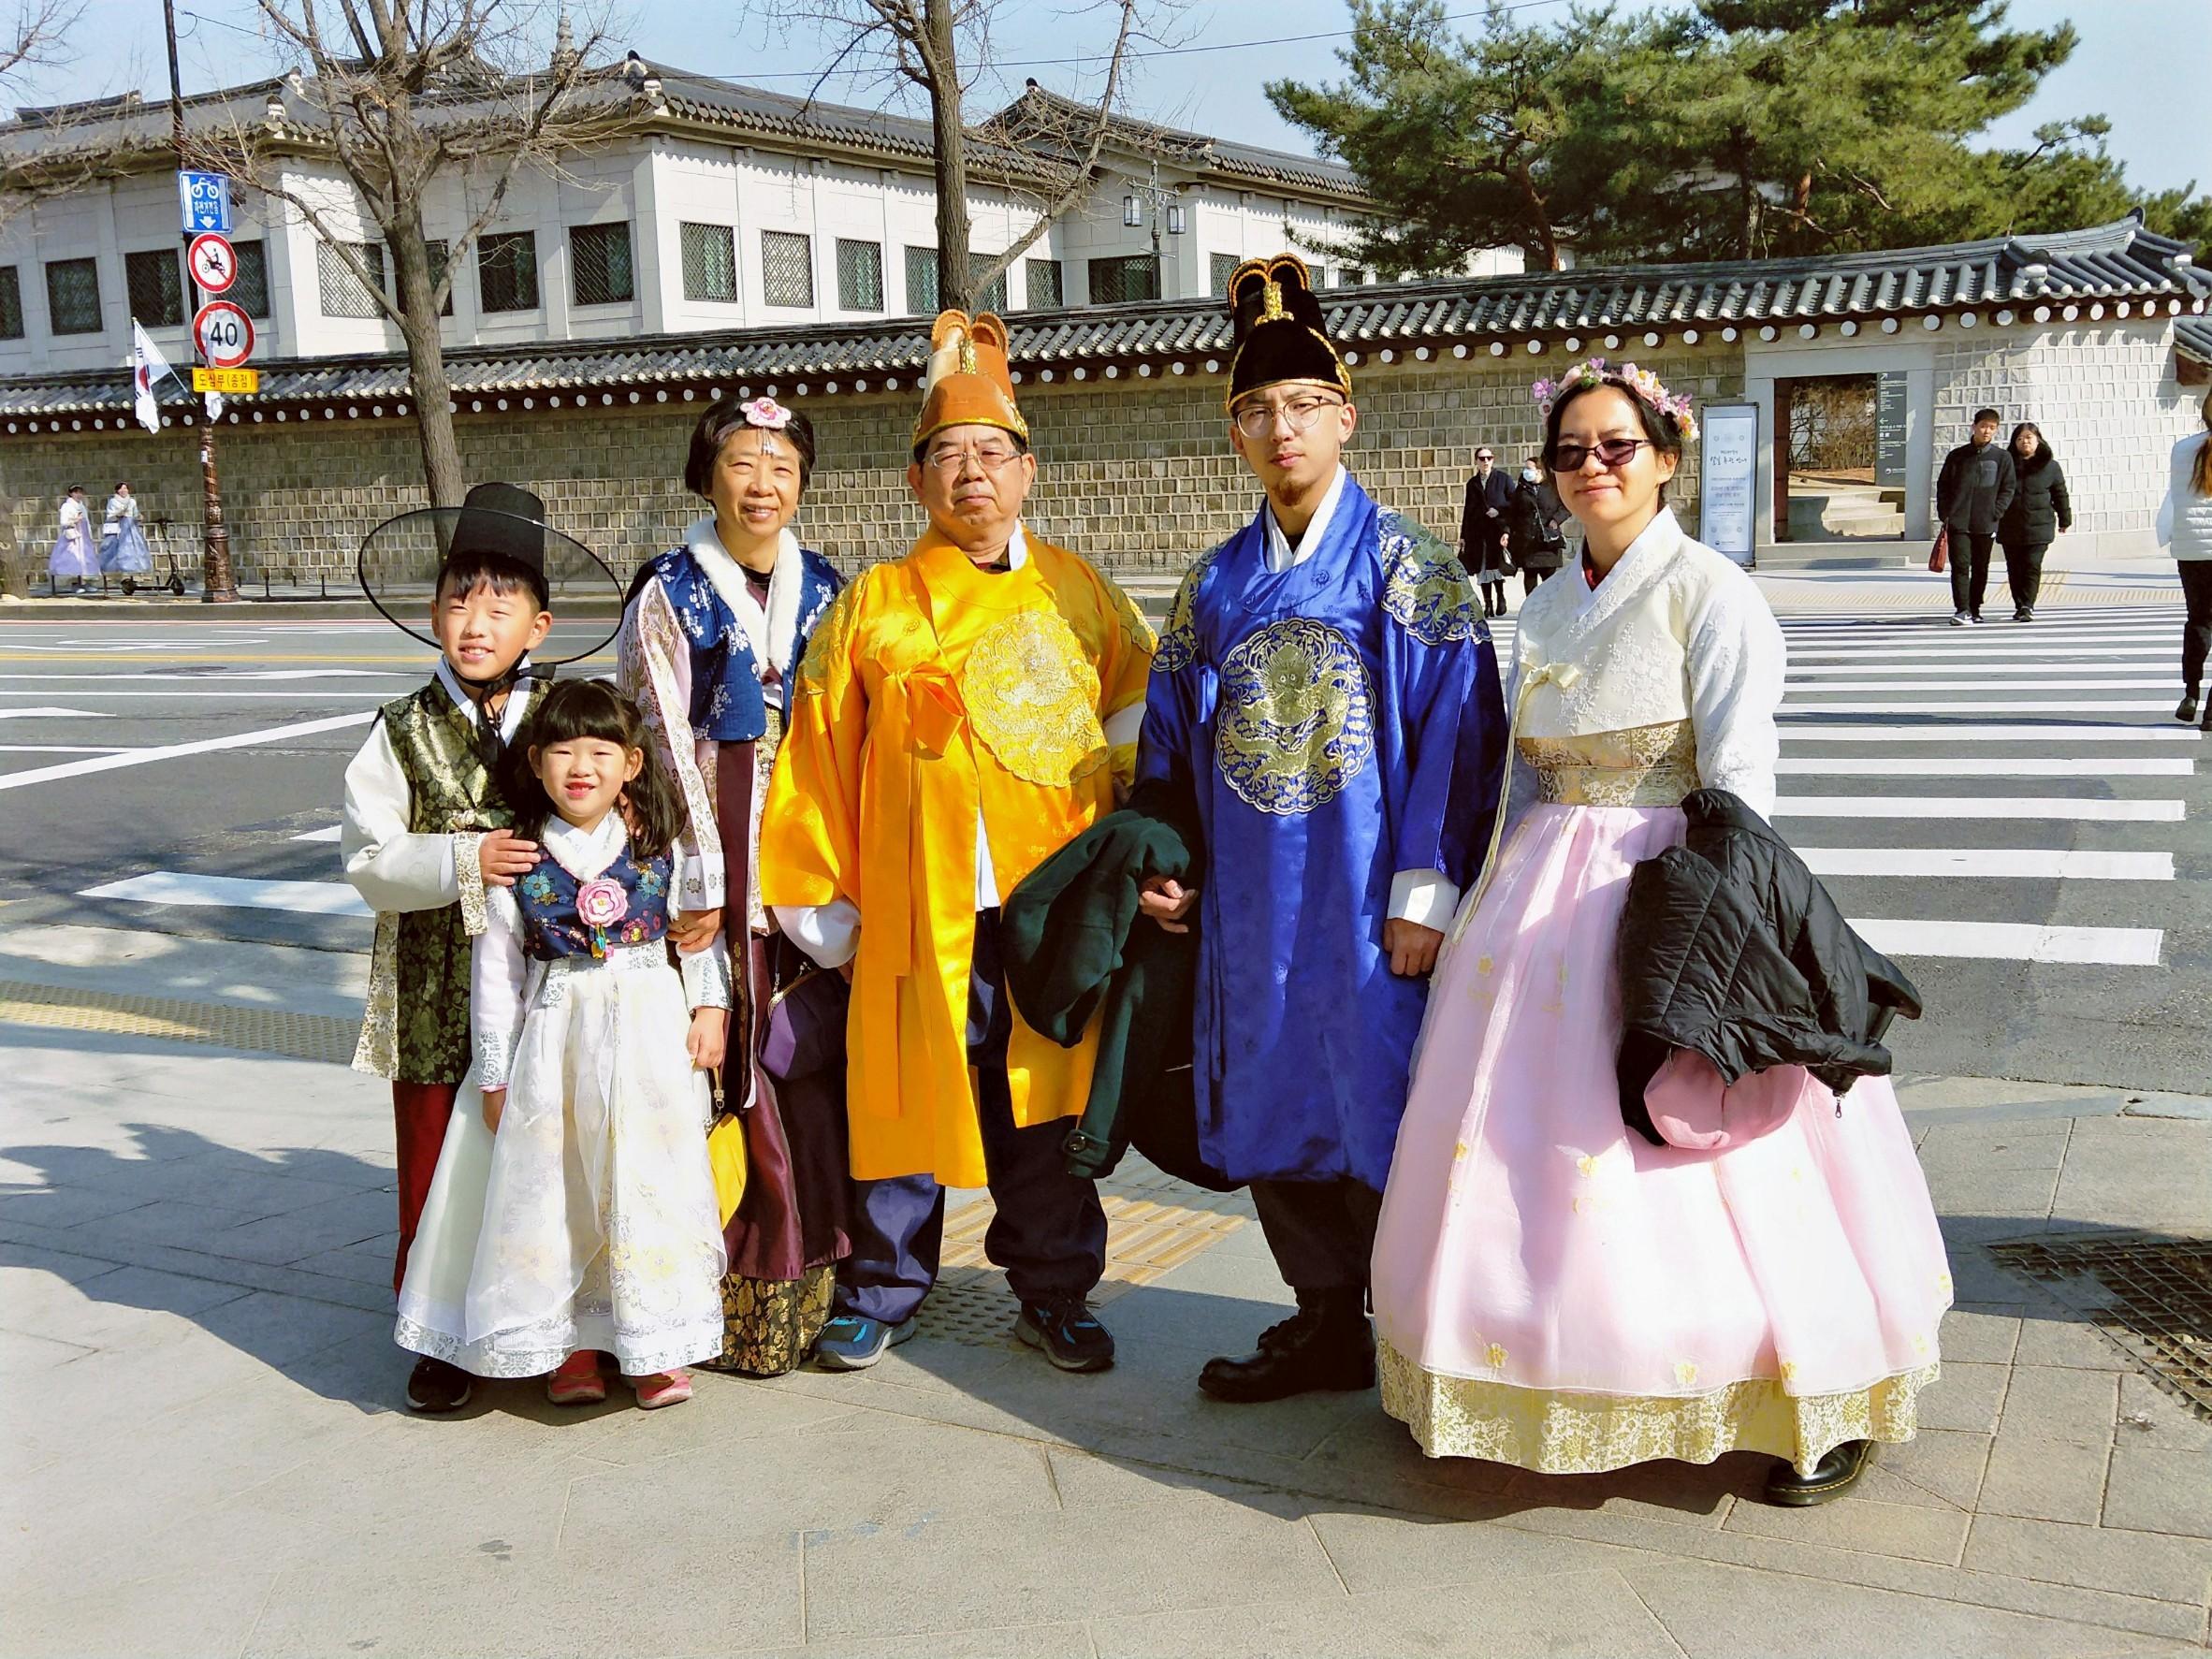 2020韓國首爾釜山自由行-西花韓服-新手任務必穿韓服,KKday購買加送兩小時